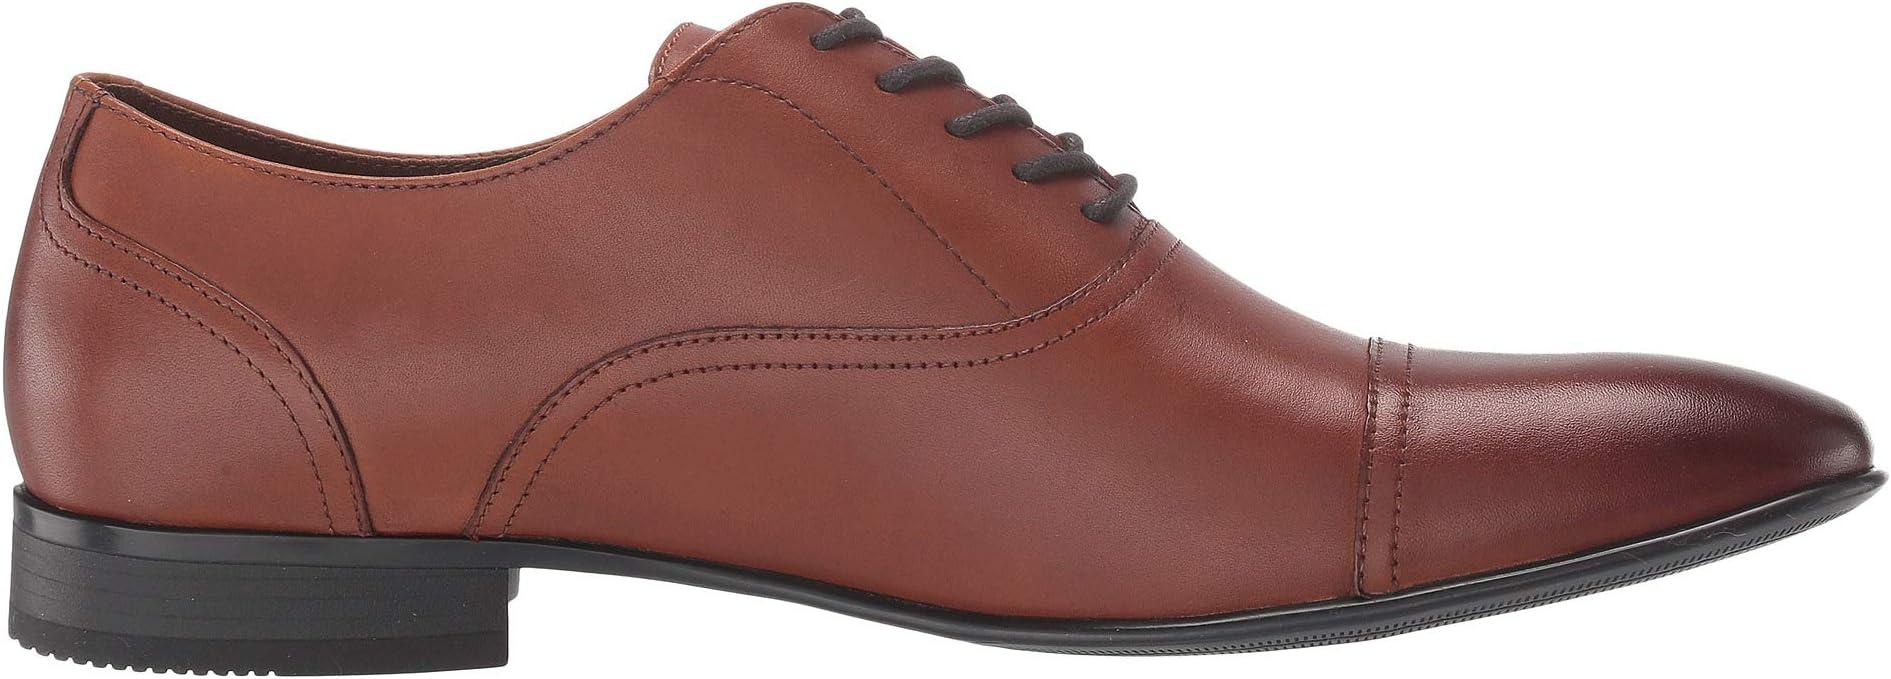 ALDO Olarelia | Men's shoes | 2020 Newest